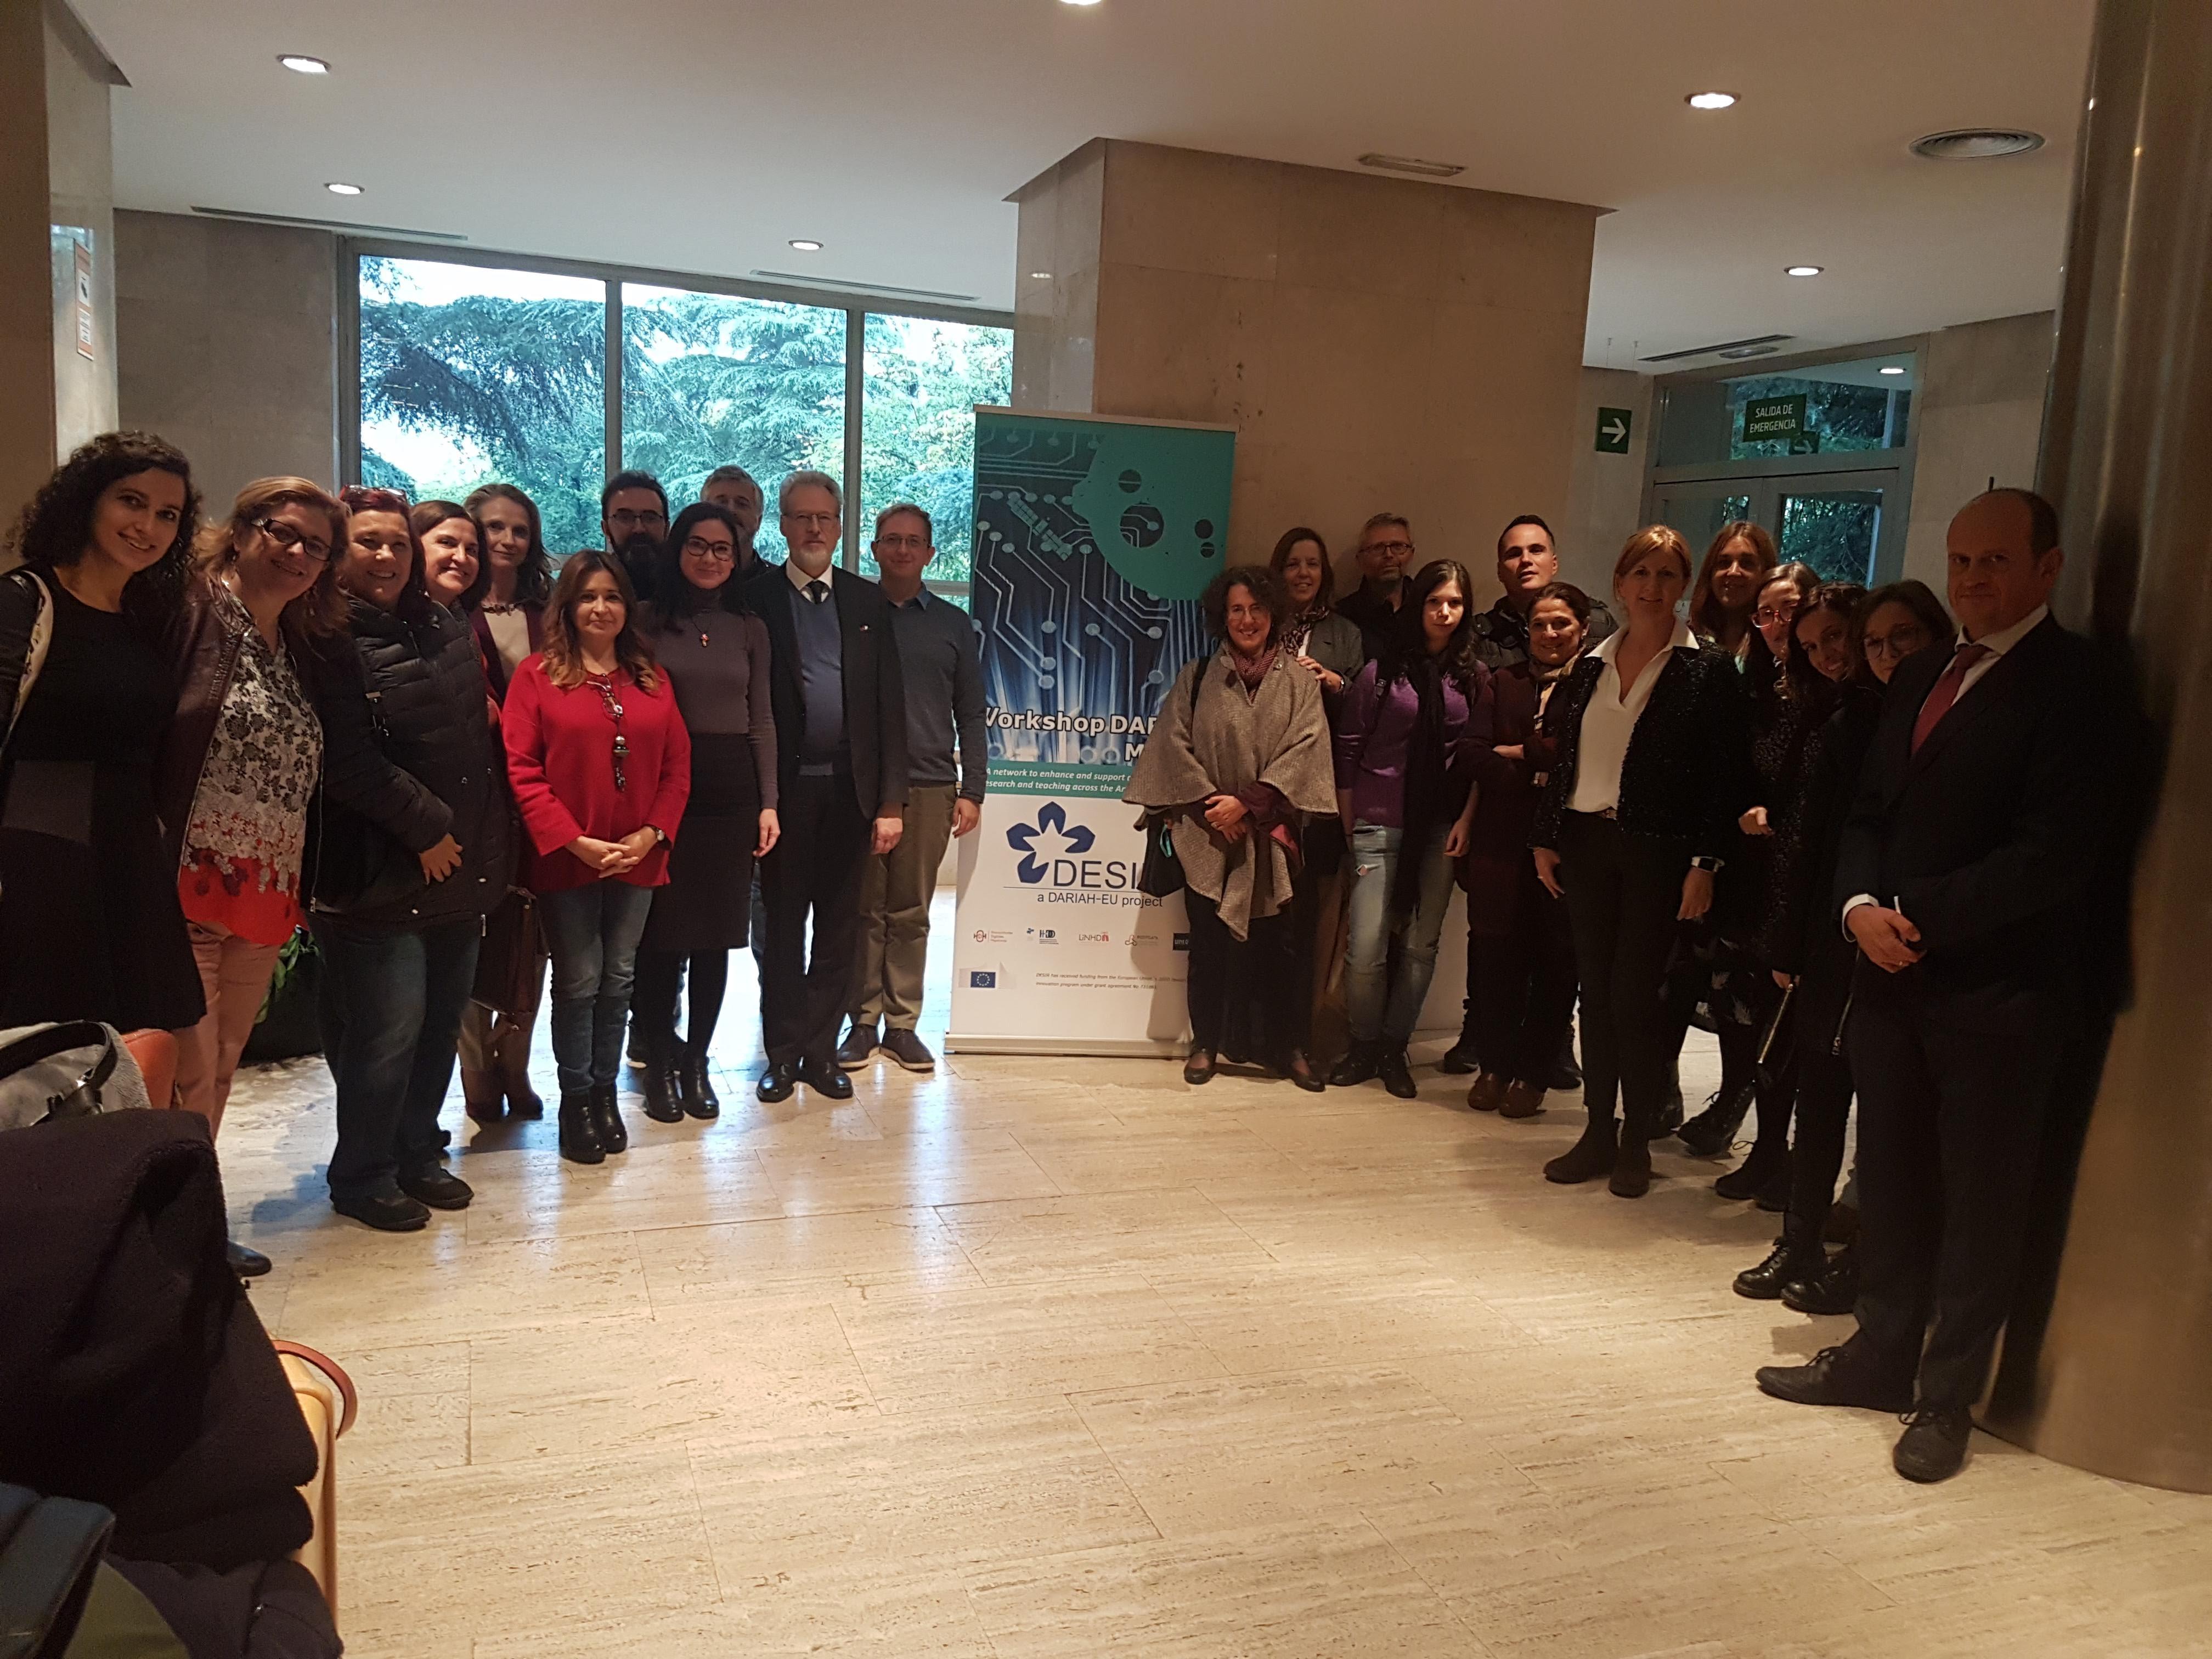 Celebrado el Workshop conjunto de la Infraestructura de investigación DARIAH y el proyecto DESIR en la UNED